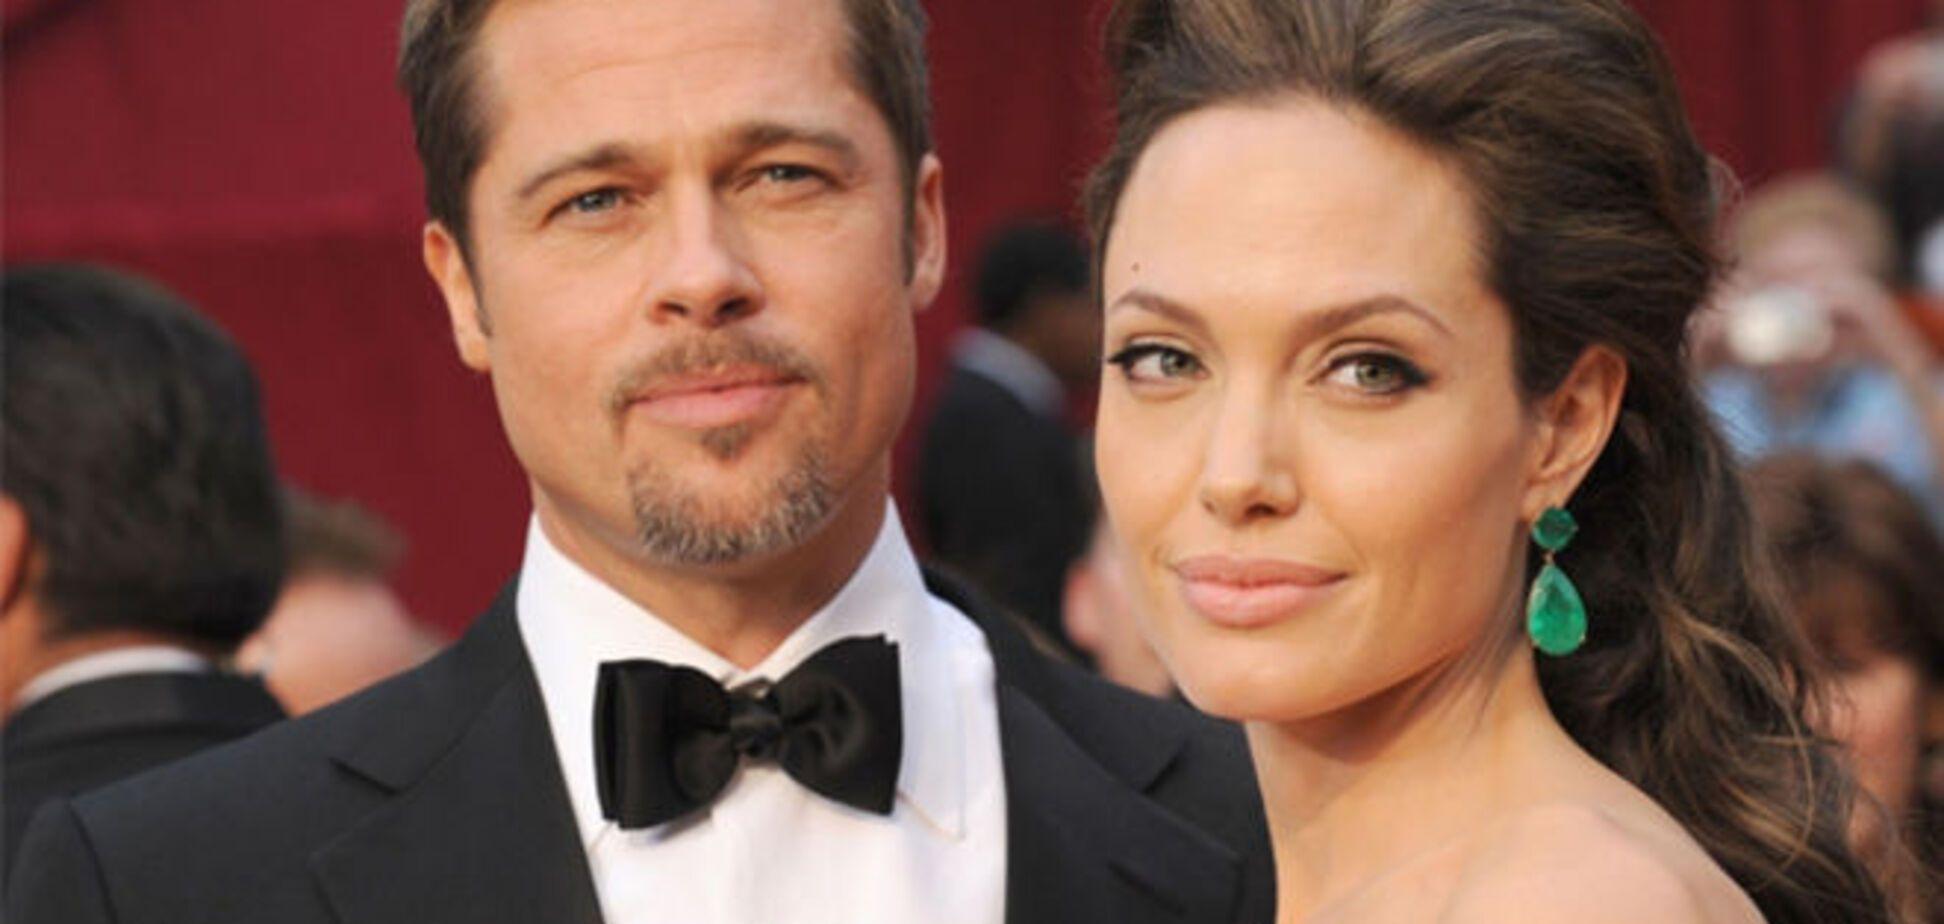 Джоли и Питт за чаем с принцем Уильямом обсудили борьбу с браконьерством